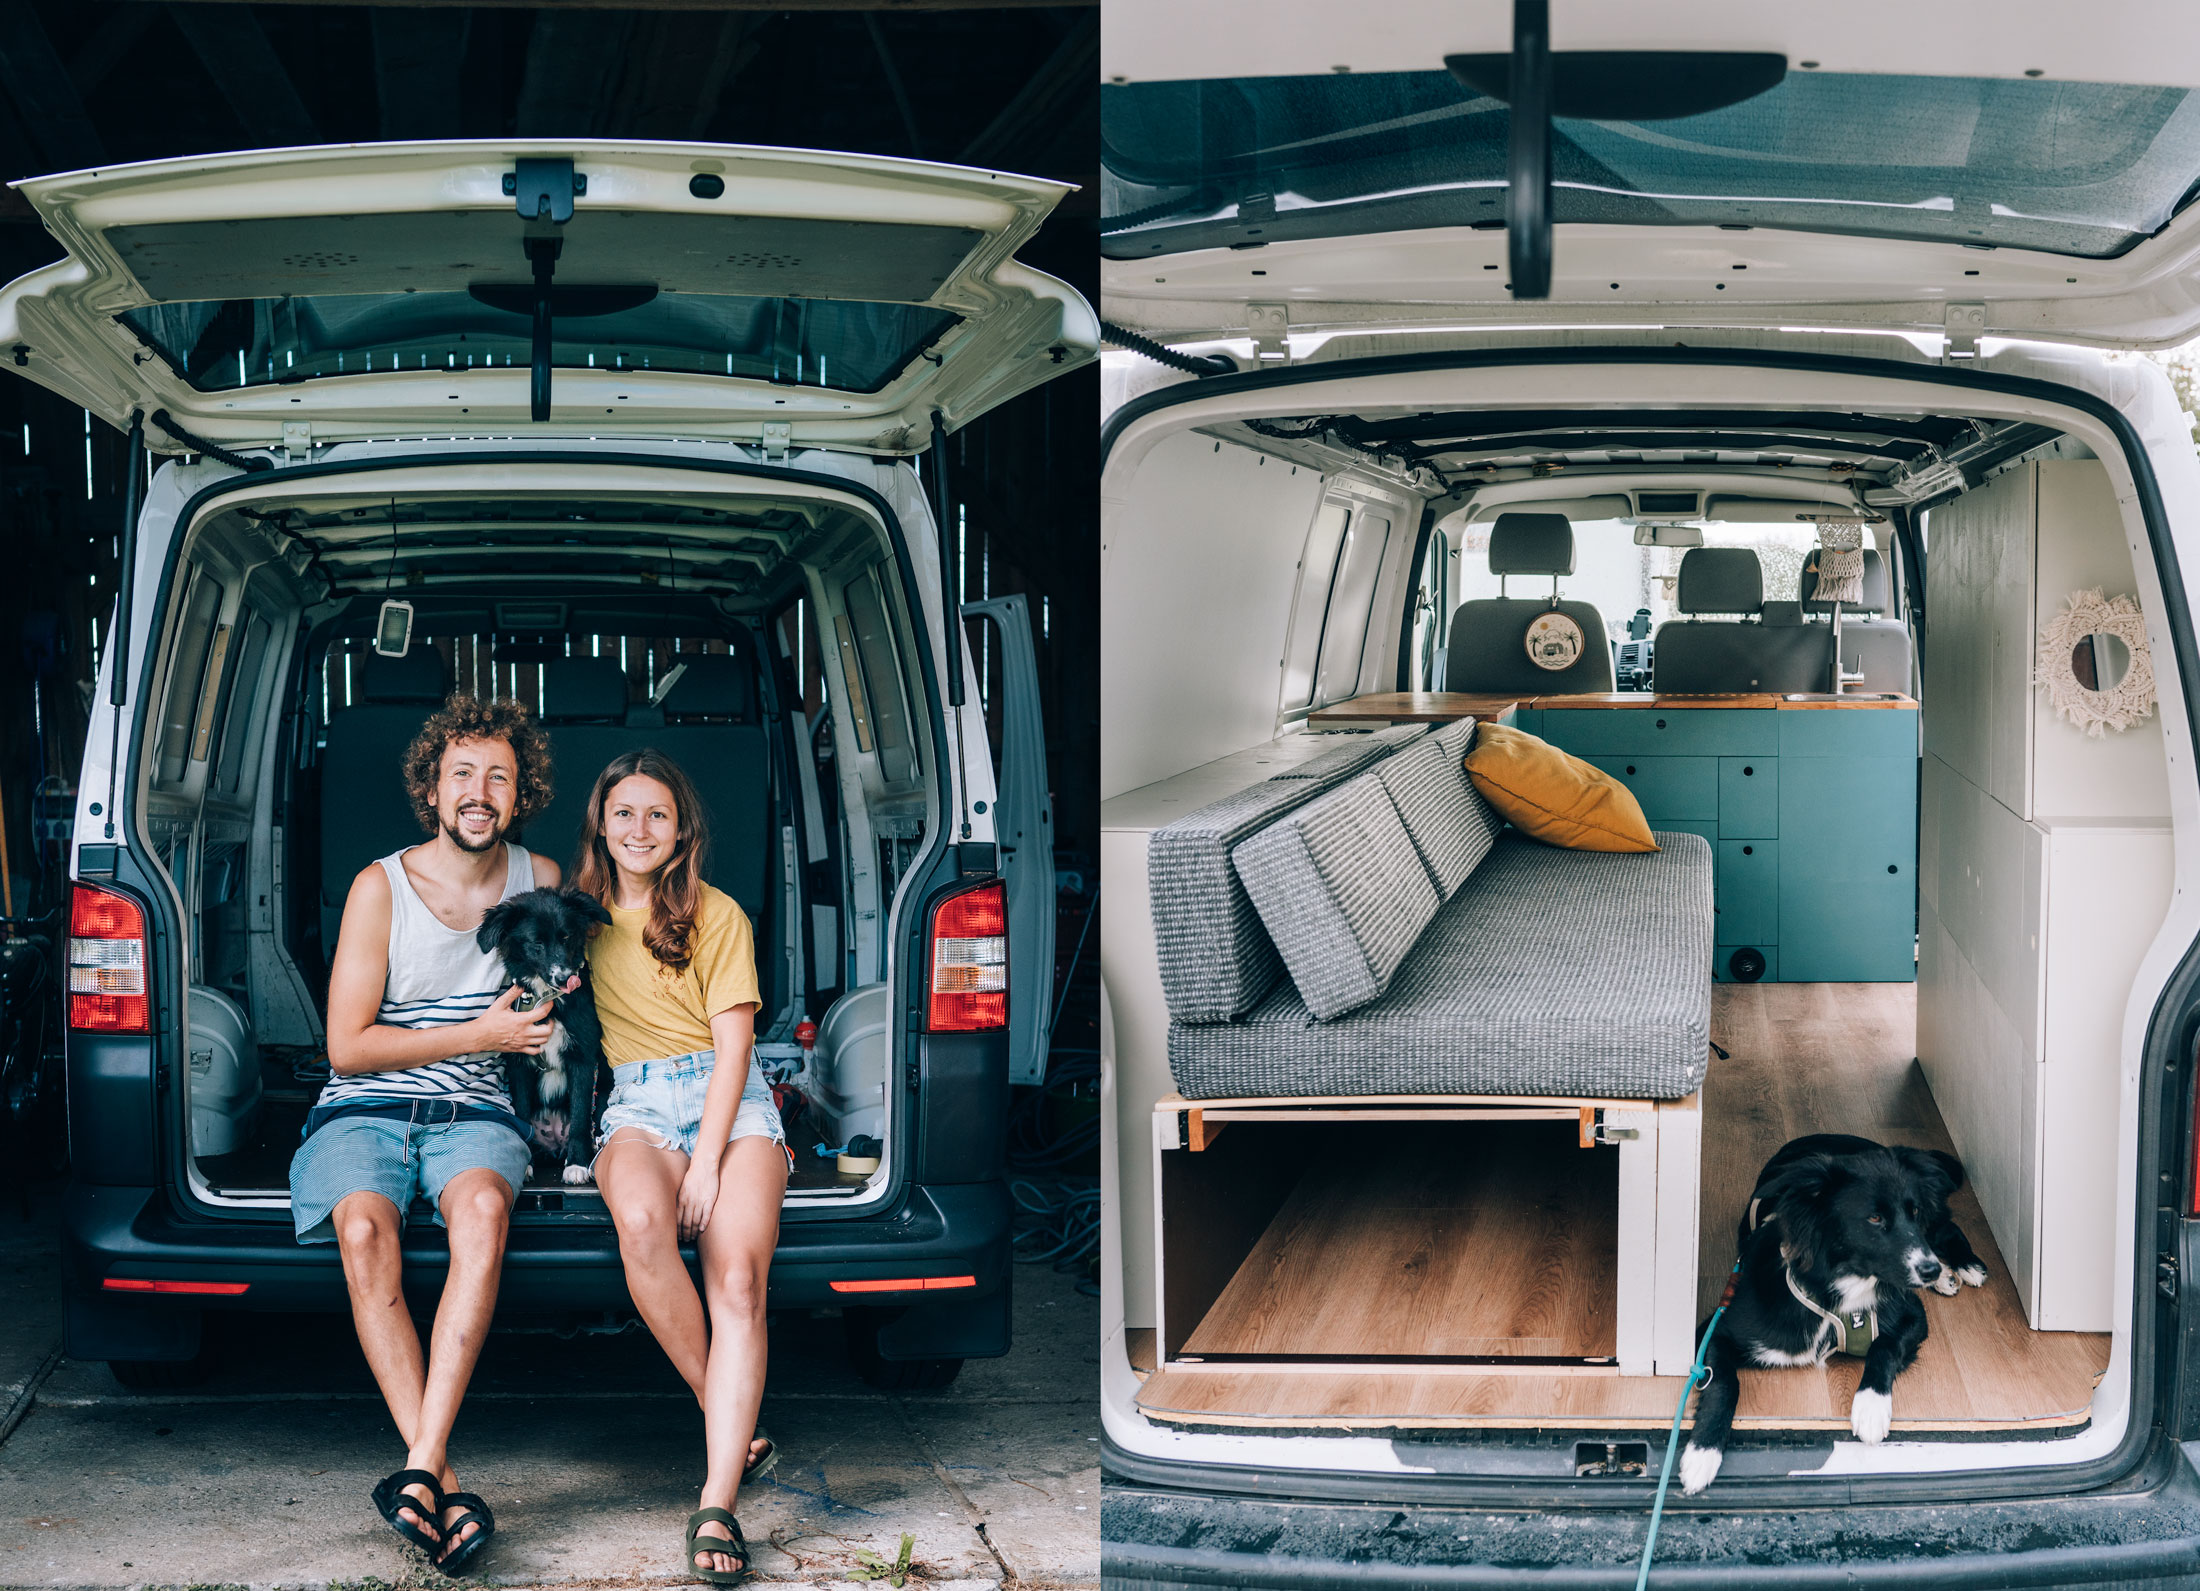 VW T5 Camping Ausbau Anleitung